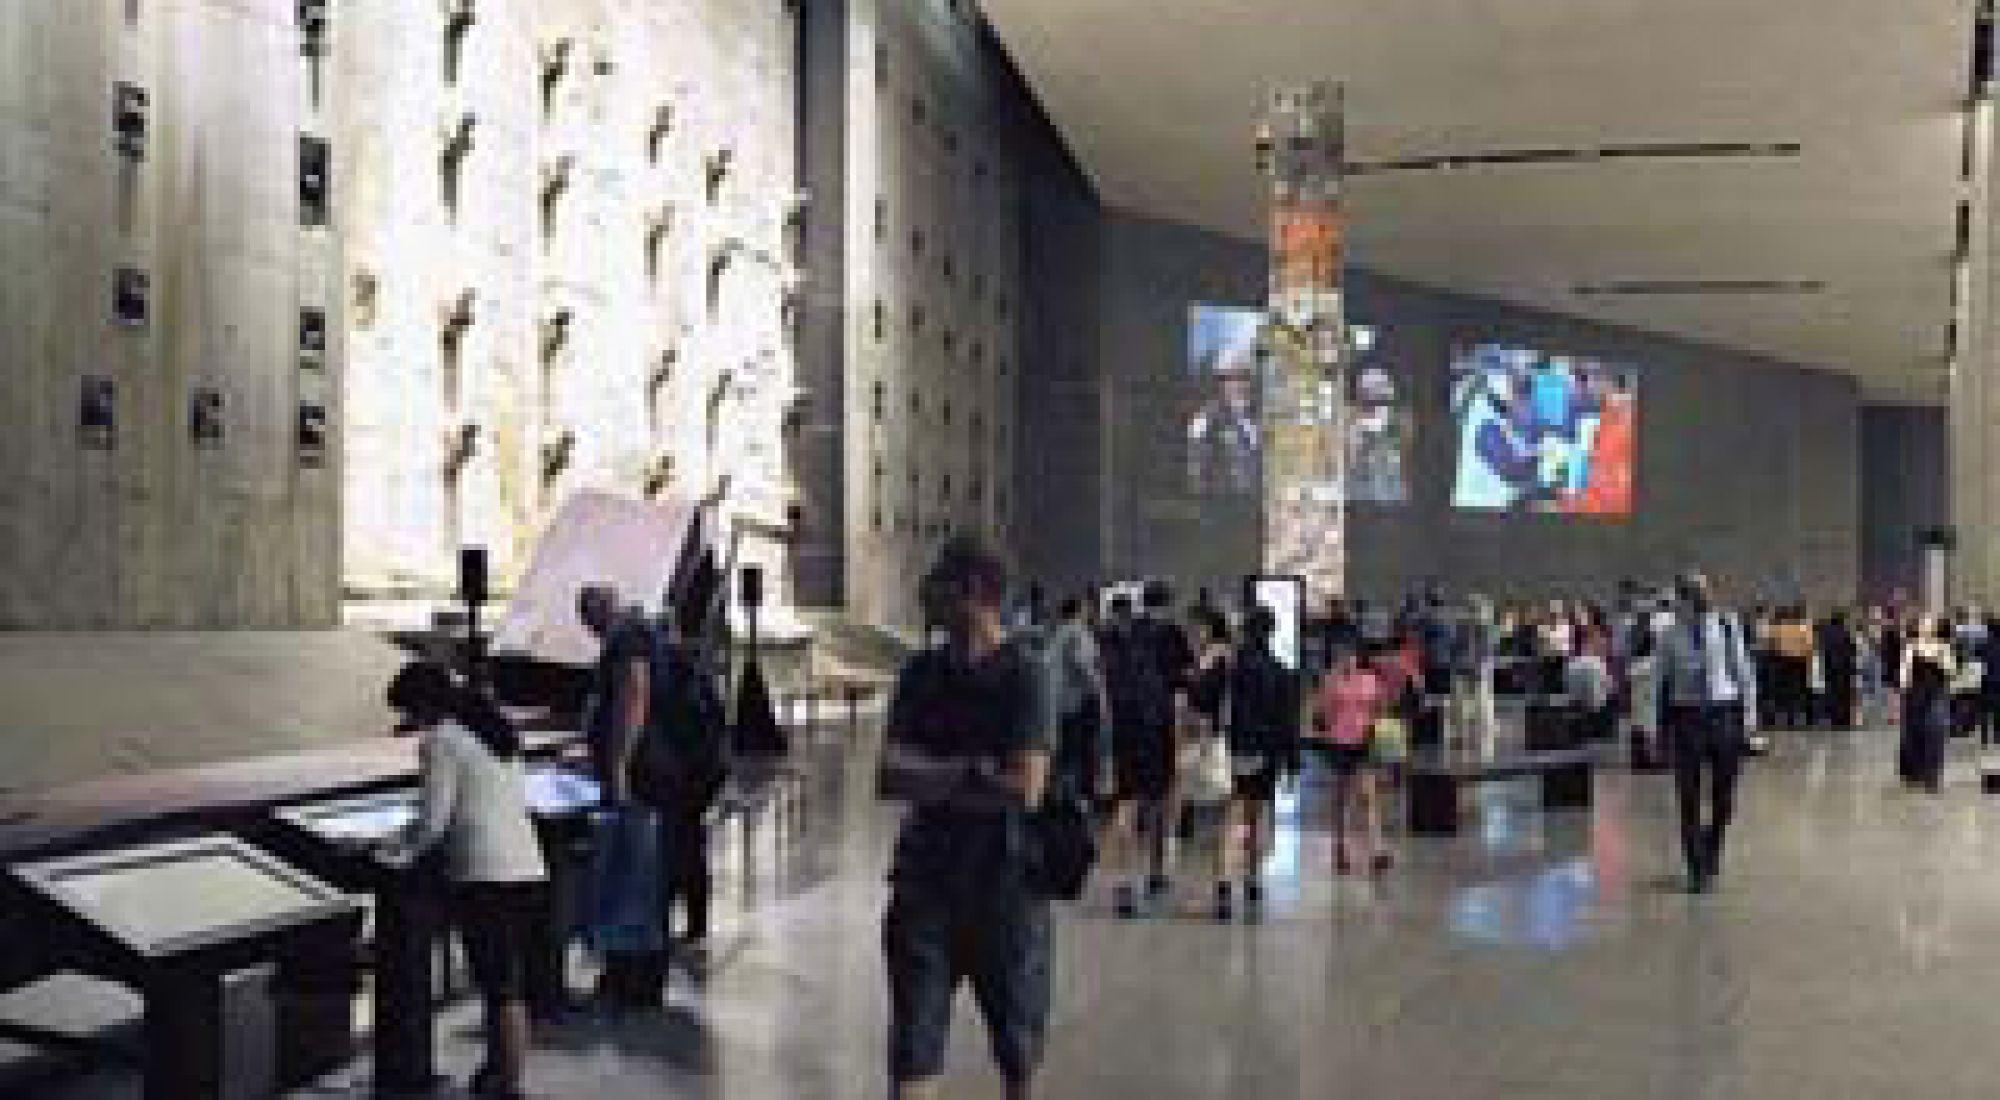 New York 9/11 Memorial & Museum